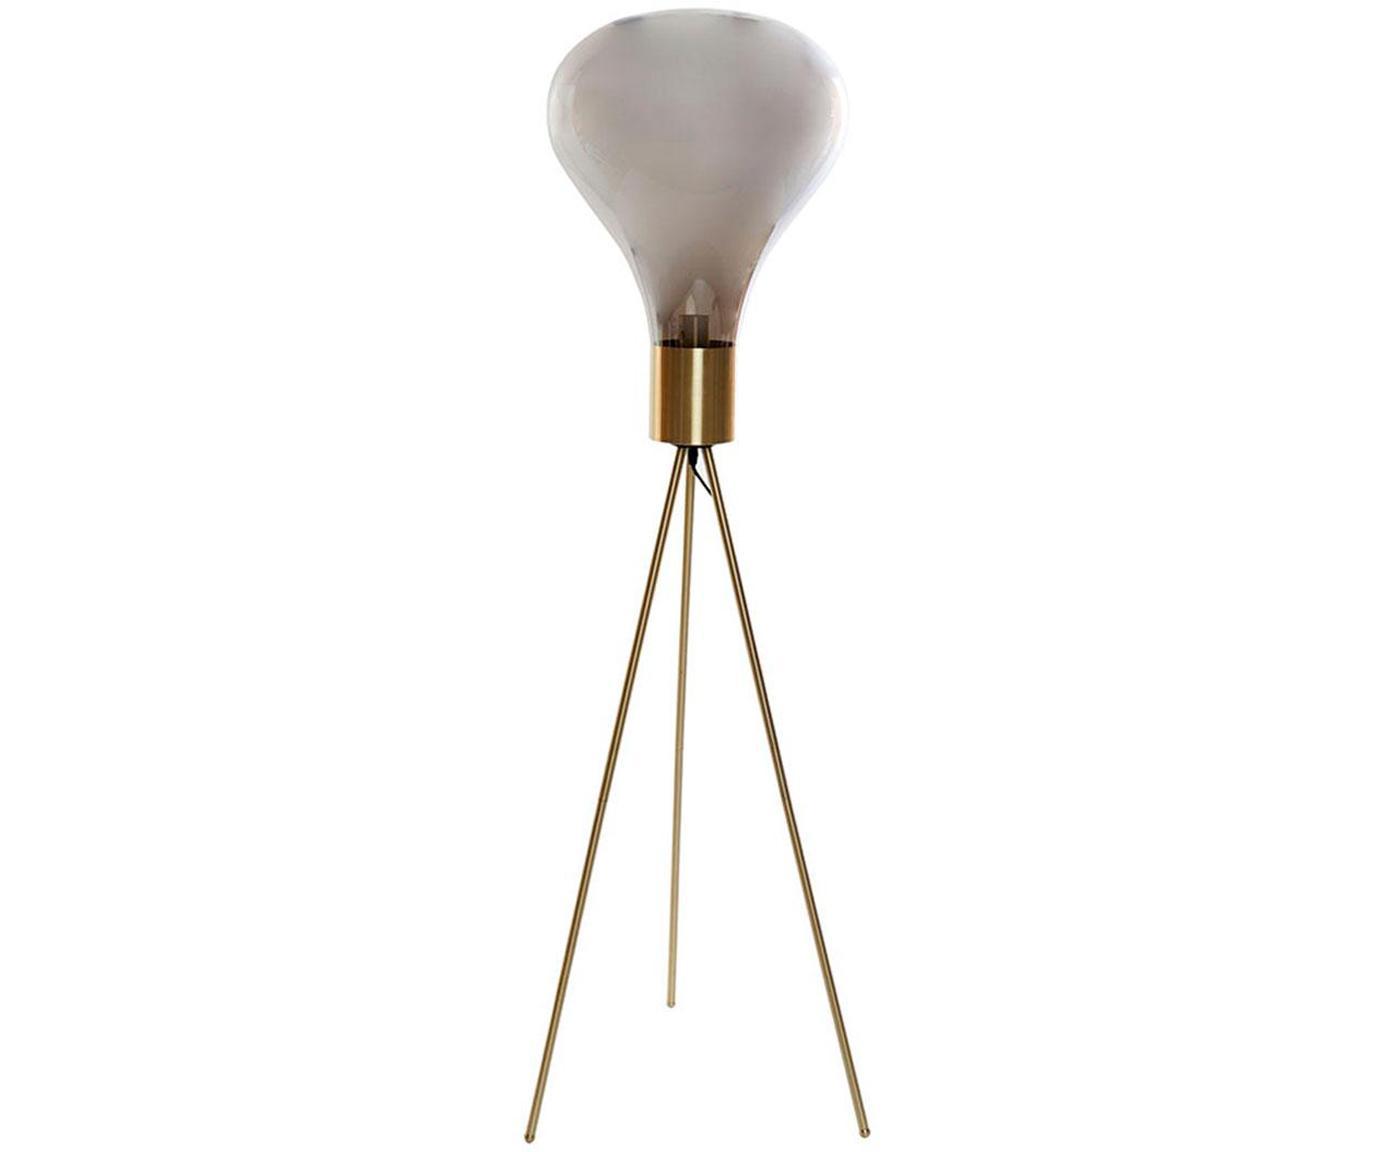 Lámpara de pie Jungle, Patas: Metal, Pantalla: Vidrio, Gris, Ø 48 x Al 155 cm